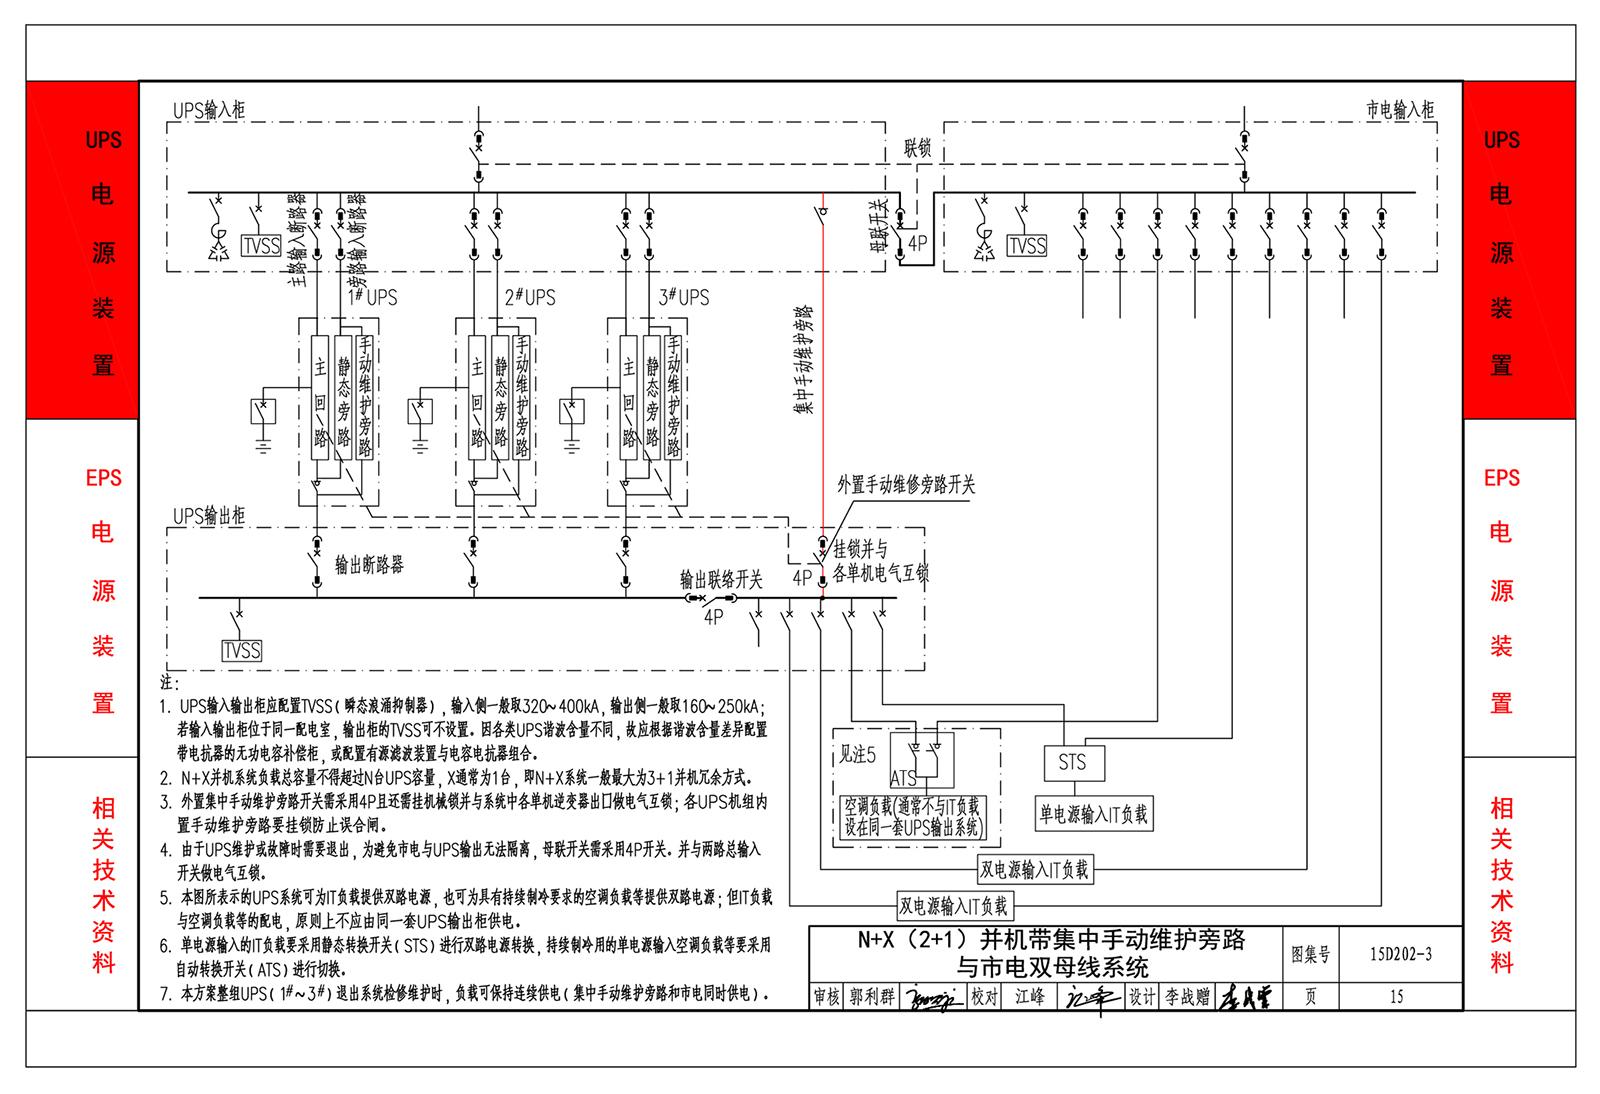 本图集适用于民用和一般工业建筑中UPS及EPS电源装置的设计与安装。 UPS电源装置编制内容包括:术语、系统组成、分类、供电方案、应用场所、使用要求、设备布置及接地。EPS电源装置编制内容包括:术语、EPS电源装置构成、基本原理、分类及适用场所、选择要求、供电方案、设备安装及接地。 本图集是对04D202-3《集中型电源应急照明系统》的修编。图集编制增加了UPS电源装置的相关内容(术语、系统组成、分类、供电方案、应用场所、使用要求、设备布置及接地)。EPS电源装置增加了设备构成及基本原理、电源装置的选择,